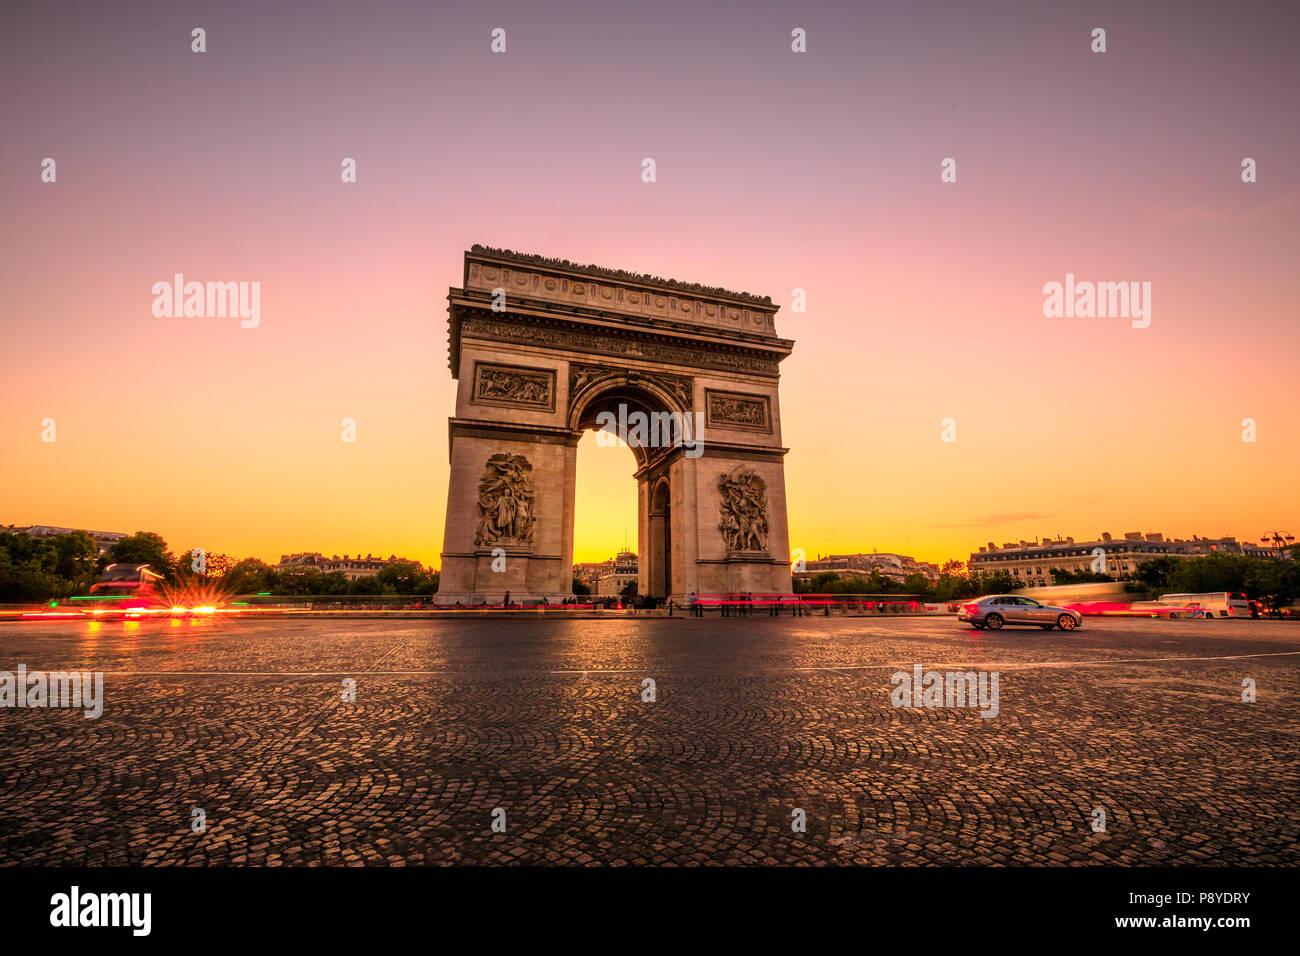 Arco de triunfo en la penumbra. Arco de Triunfo al final de los Campos Elíseos, en la plaza Charles de Gaulle con coches y senderos de luces. Hito popular y atractivo turístico en París, capital de Francia. Imagen De Stock